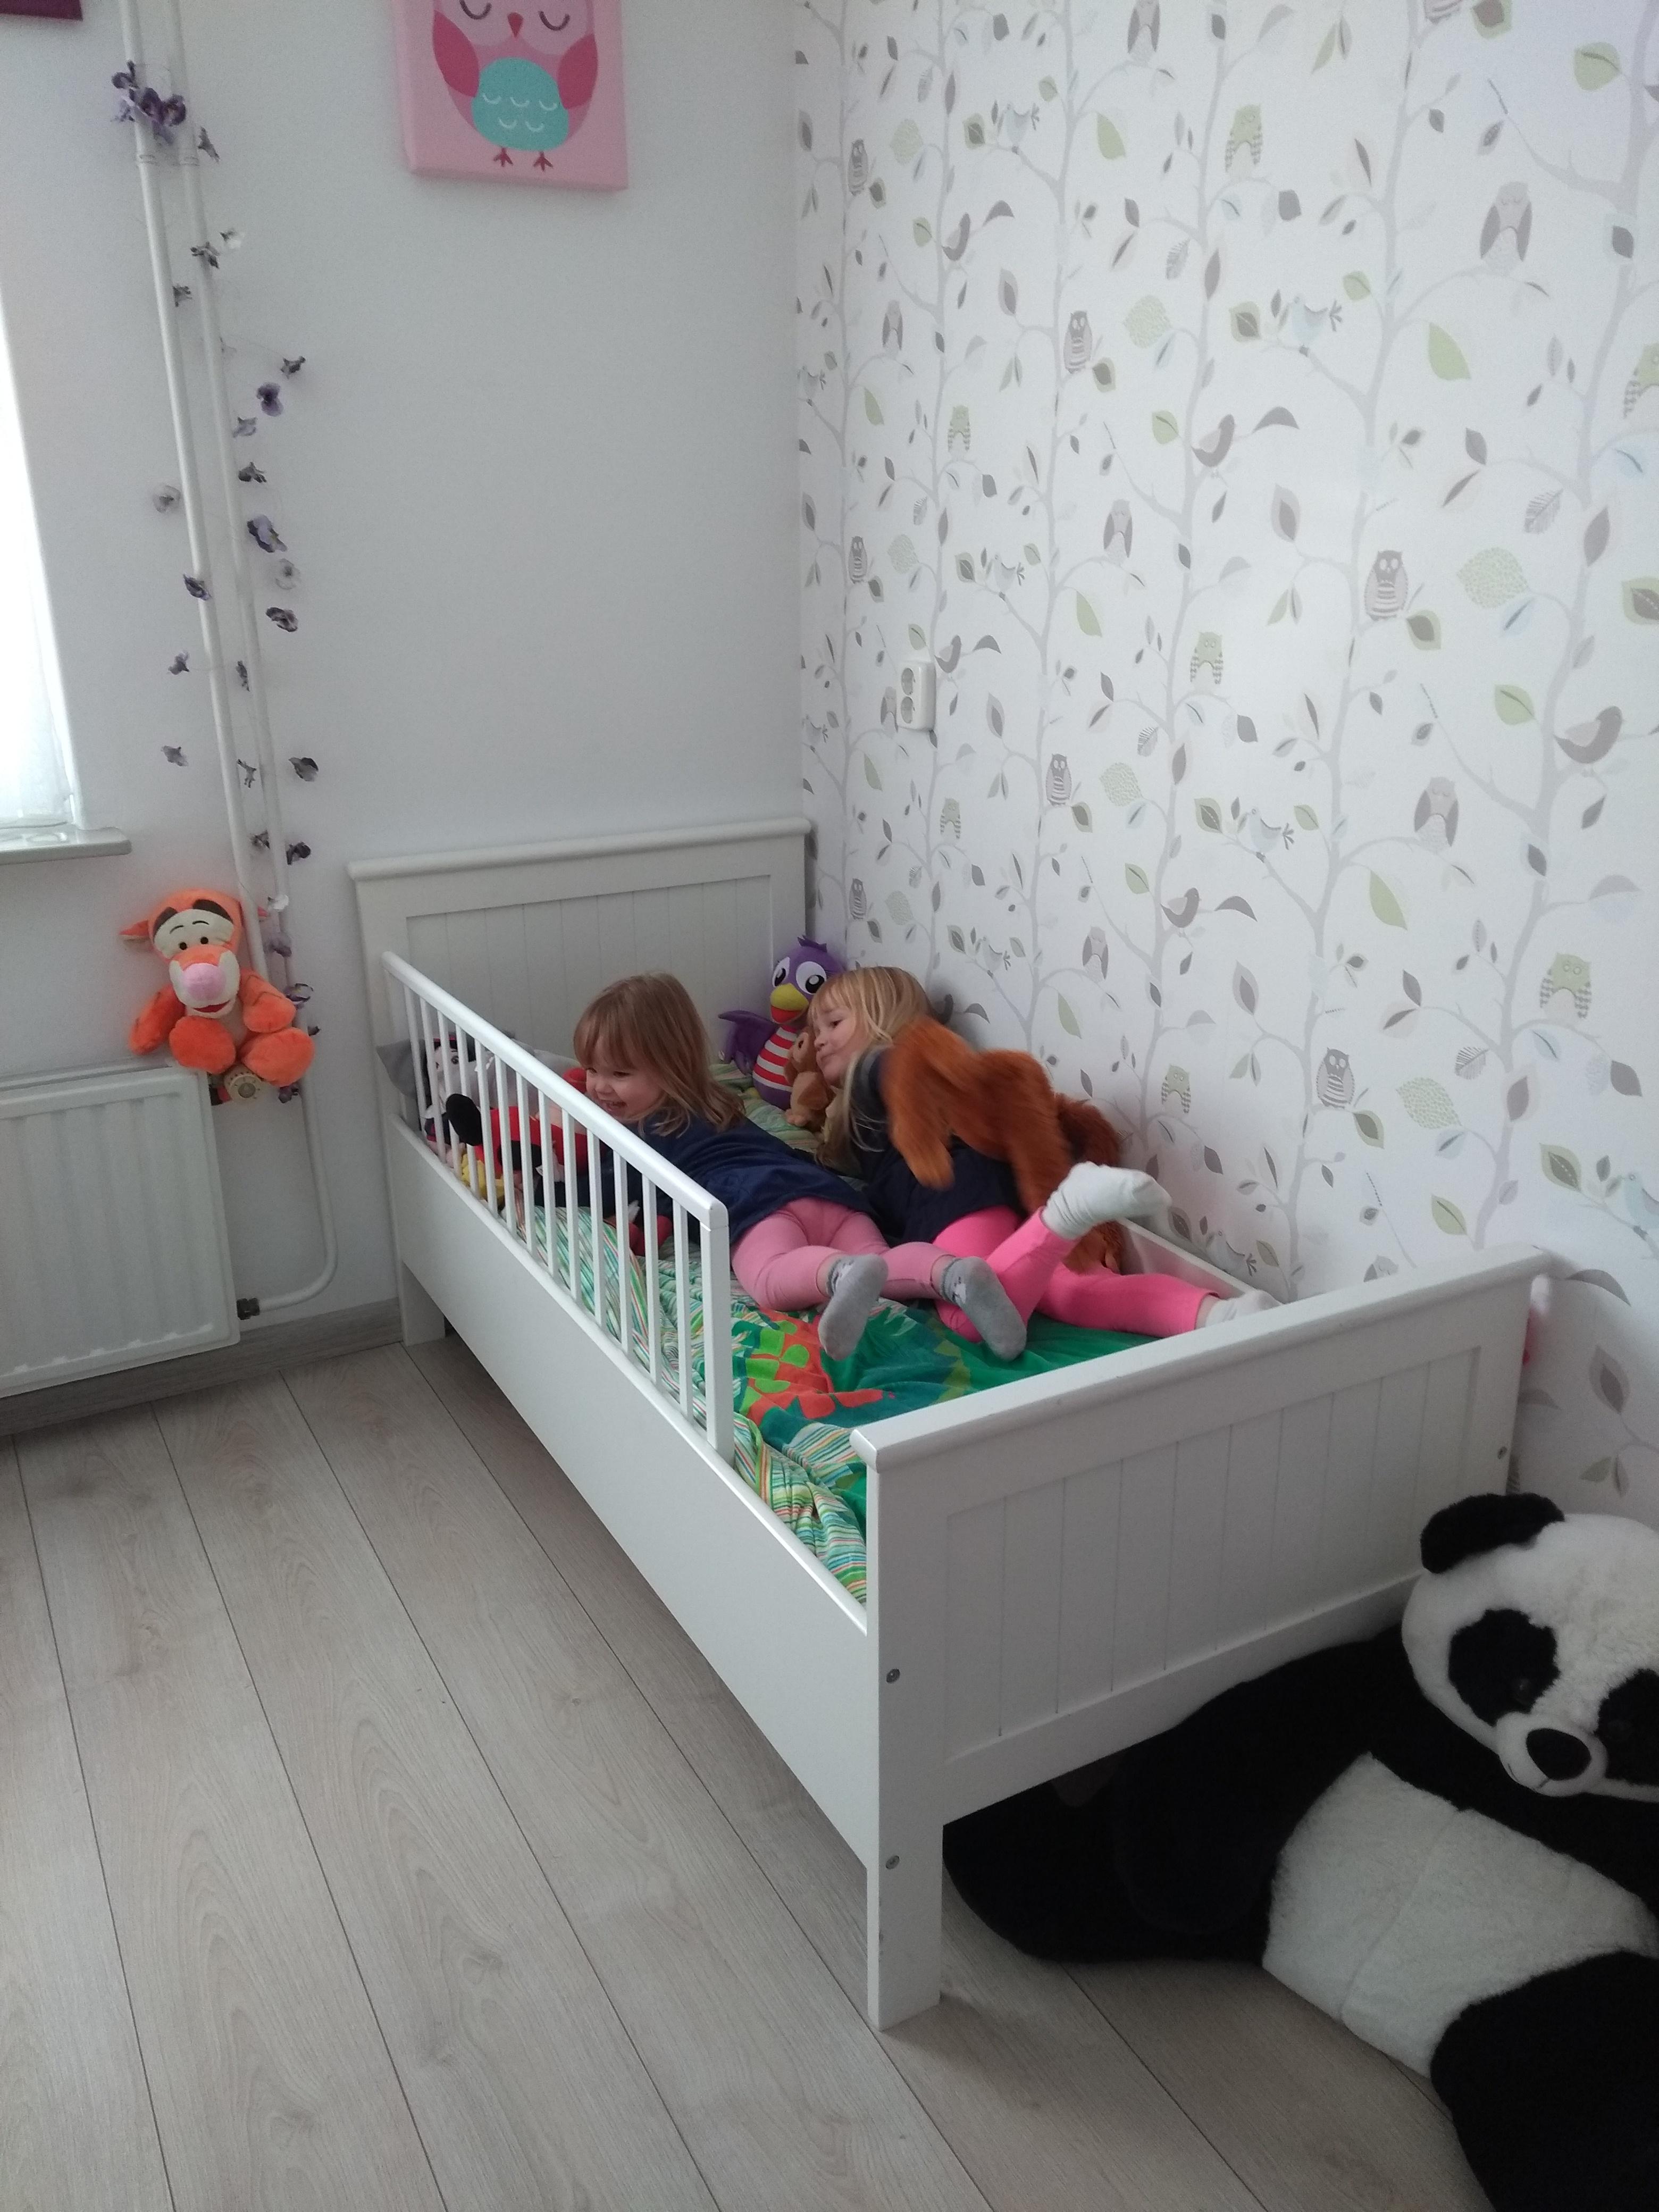 peuterbed, babybed, peuter, slapen, bed, kinderkamer, mamablog, mamablogger, lifestyleblog, blog, lalog, lalogblog, lalog.nl